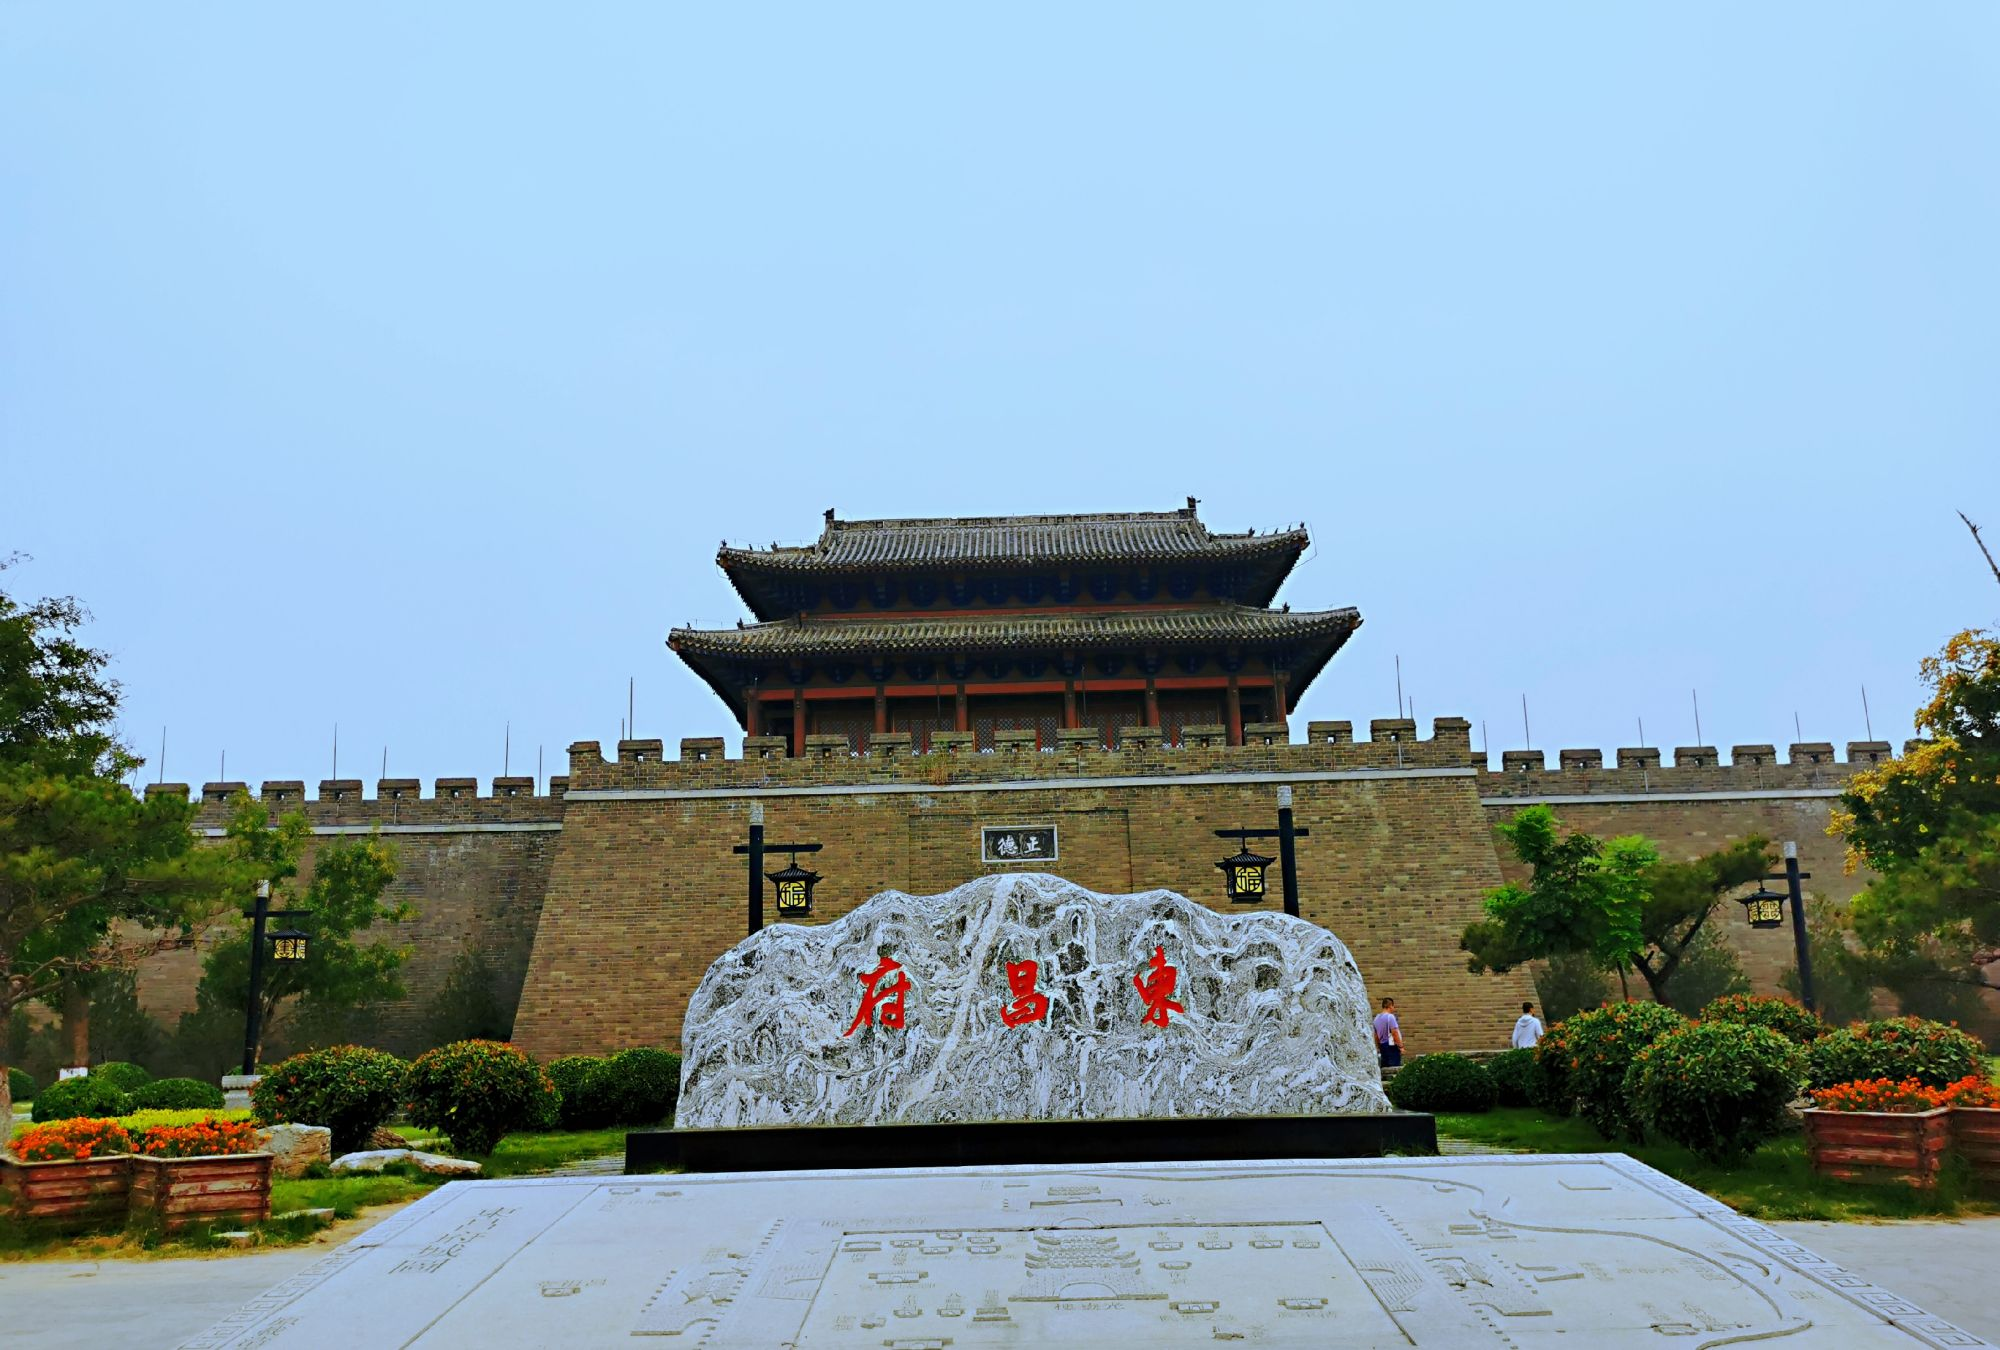 《水浒》《聊斋》描写过,江北水城,山东聊城东昌府